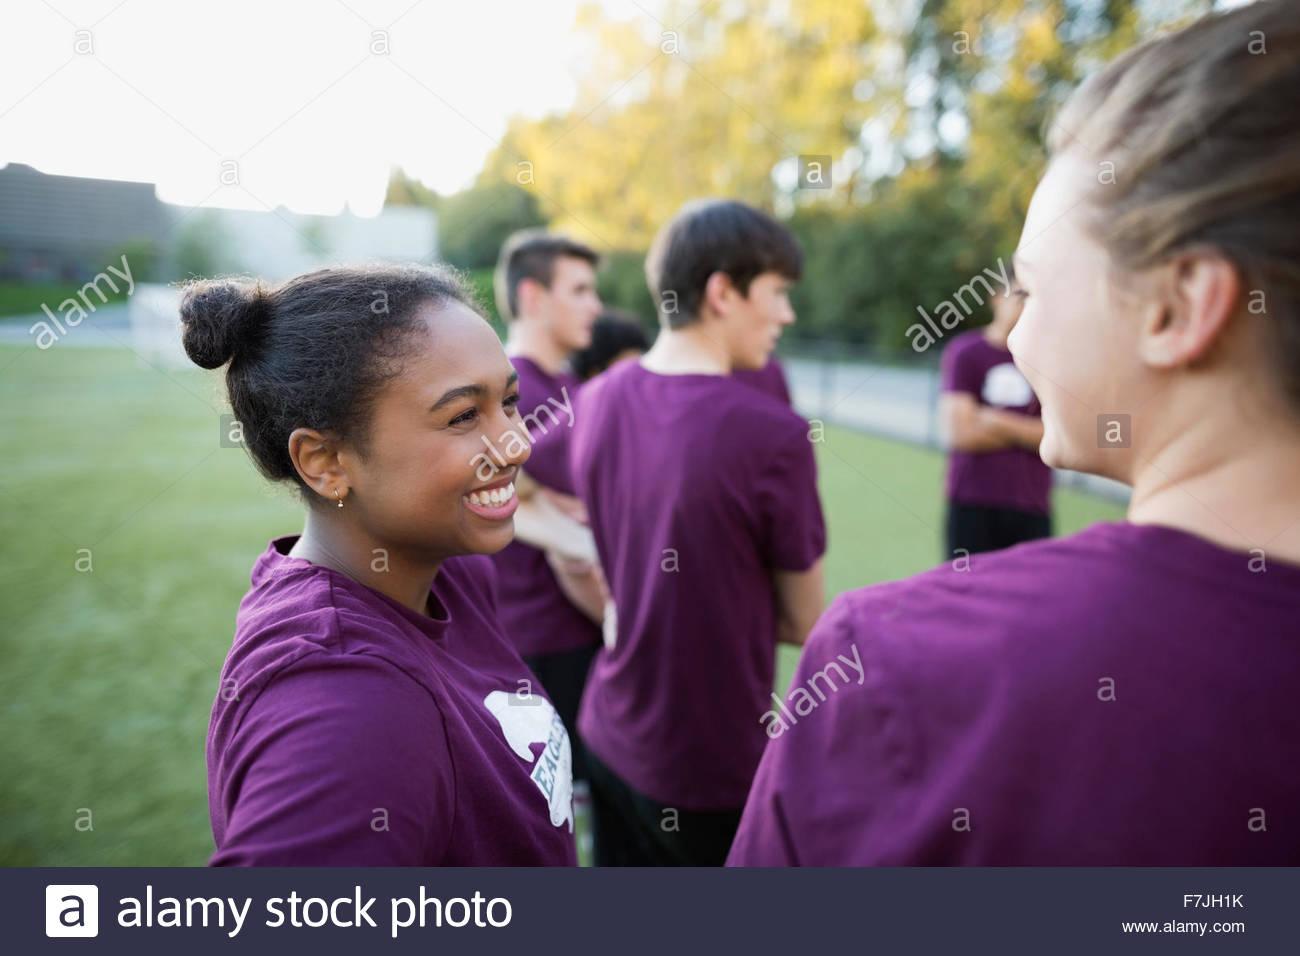 Schülerinnen und Schüler im Sportunterricht sprechen Lächeln Stockbild